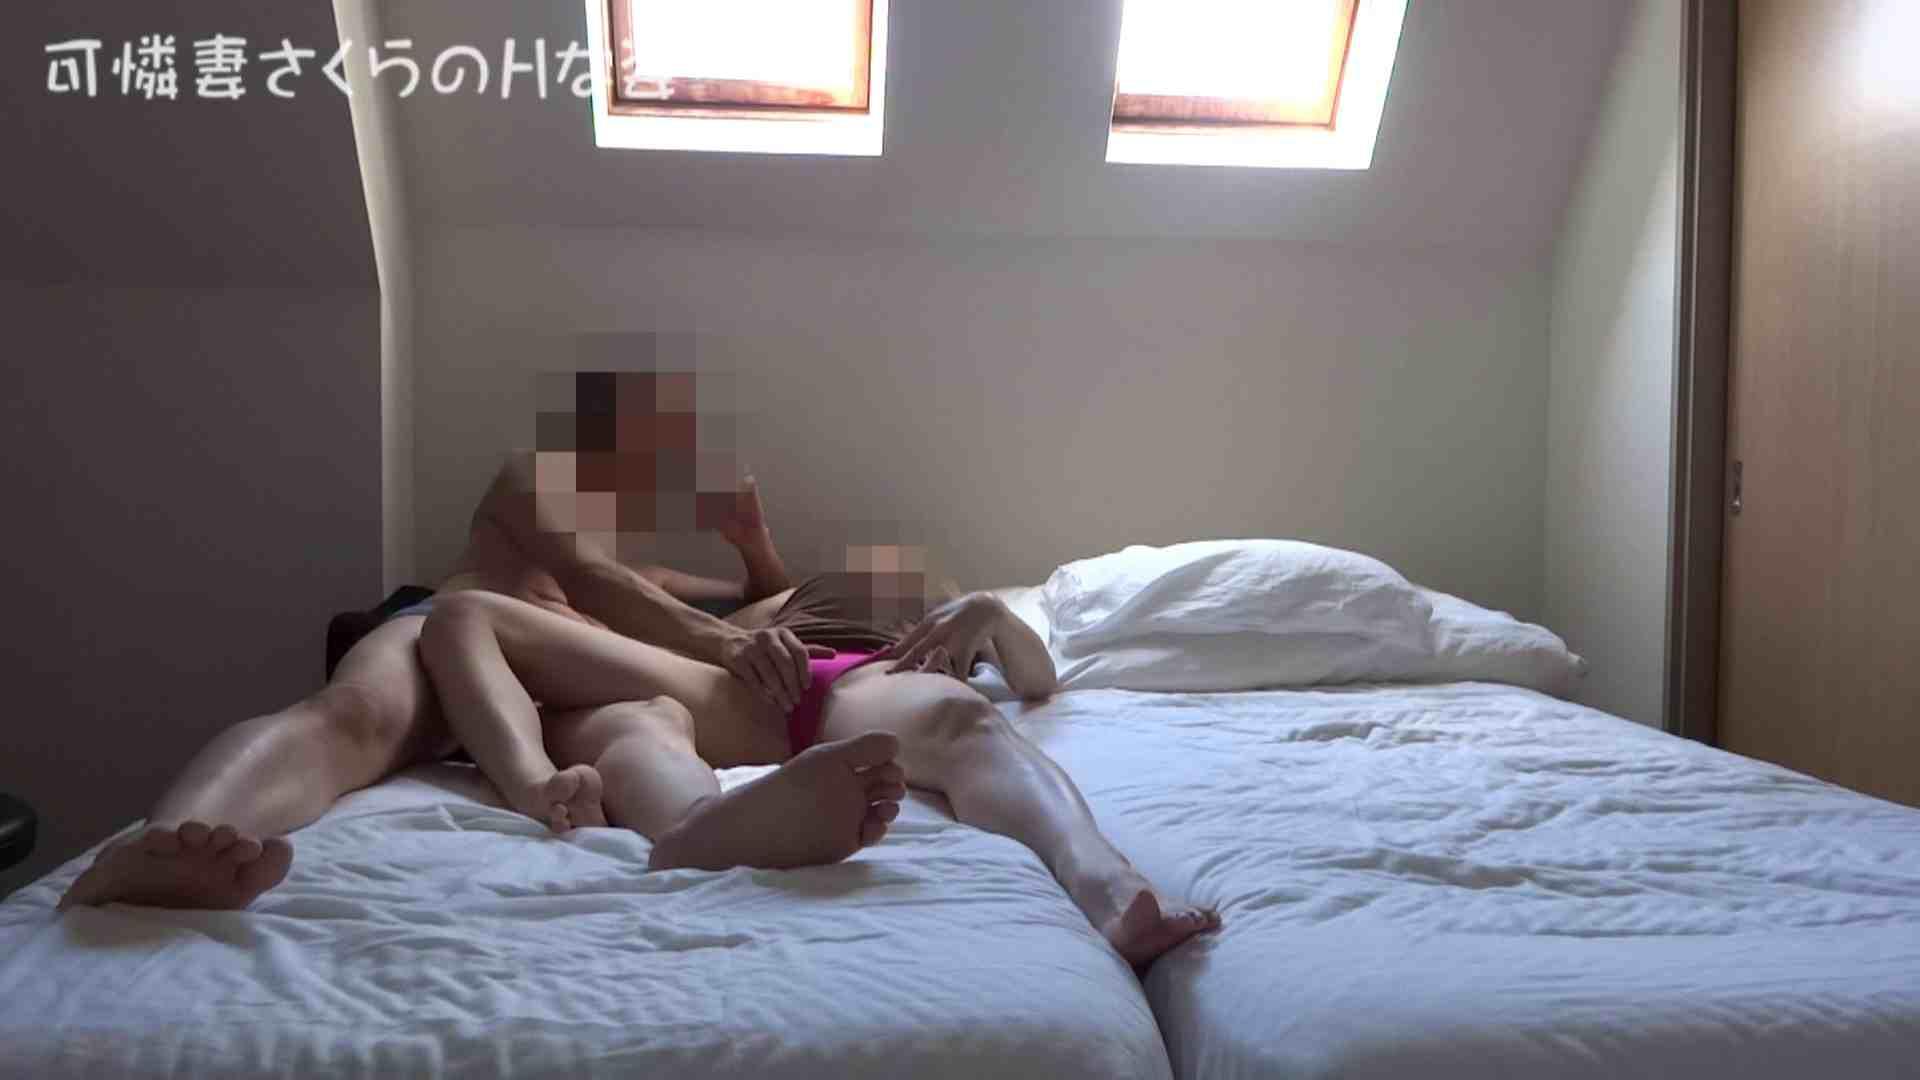 可憐妻さくらのHな姿vol.14 熟女の裸体 | OL裸体  80画像 20